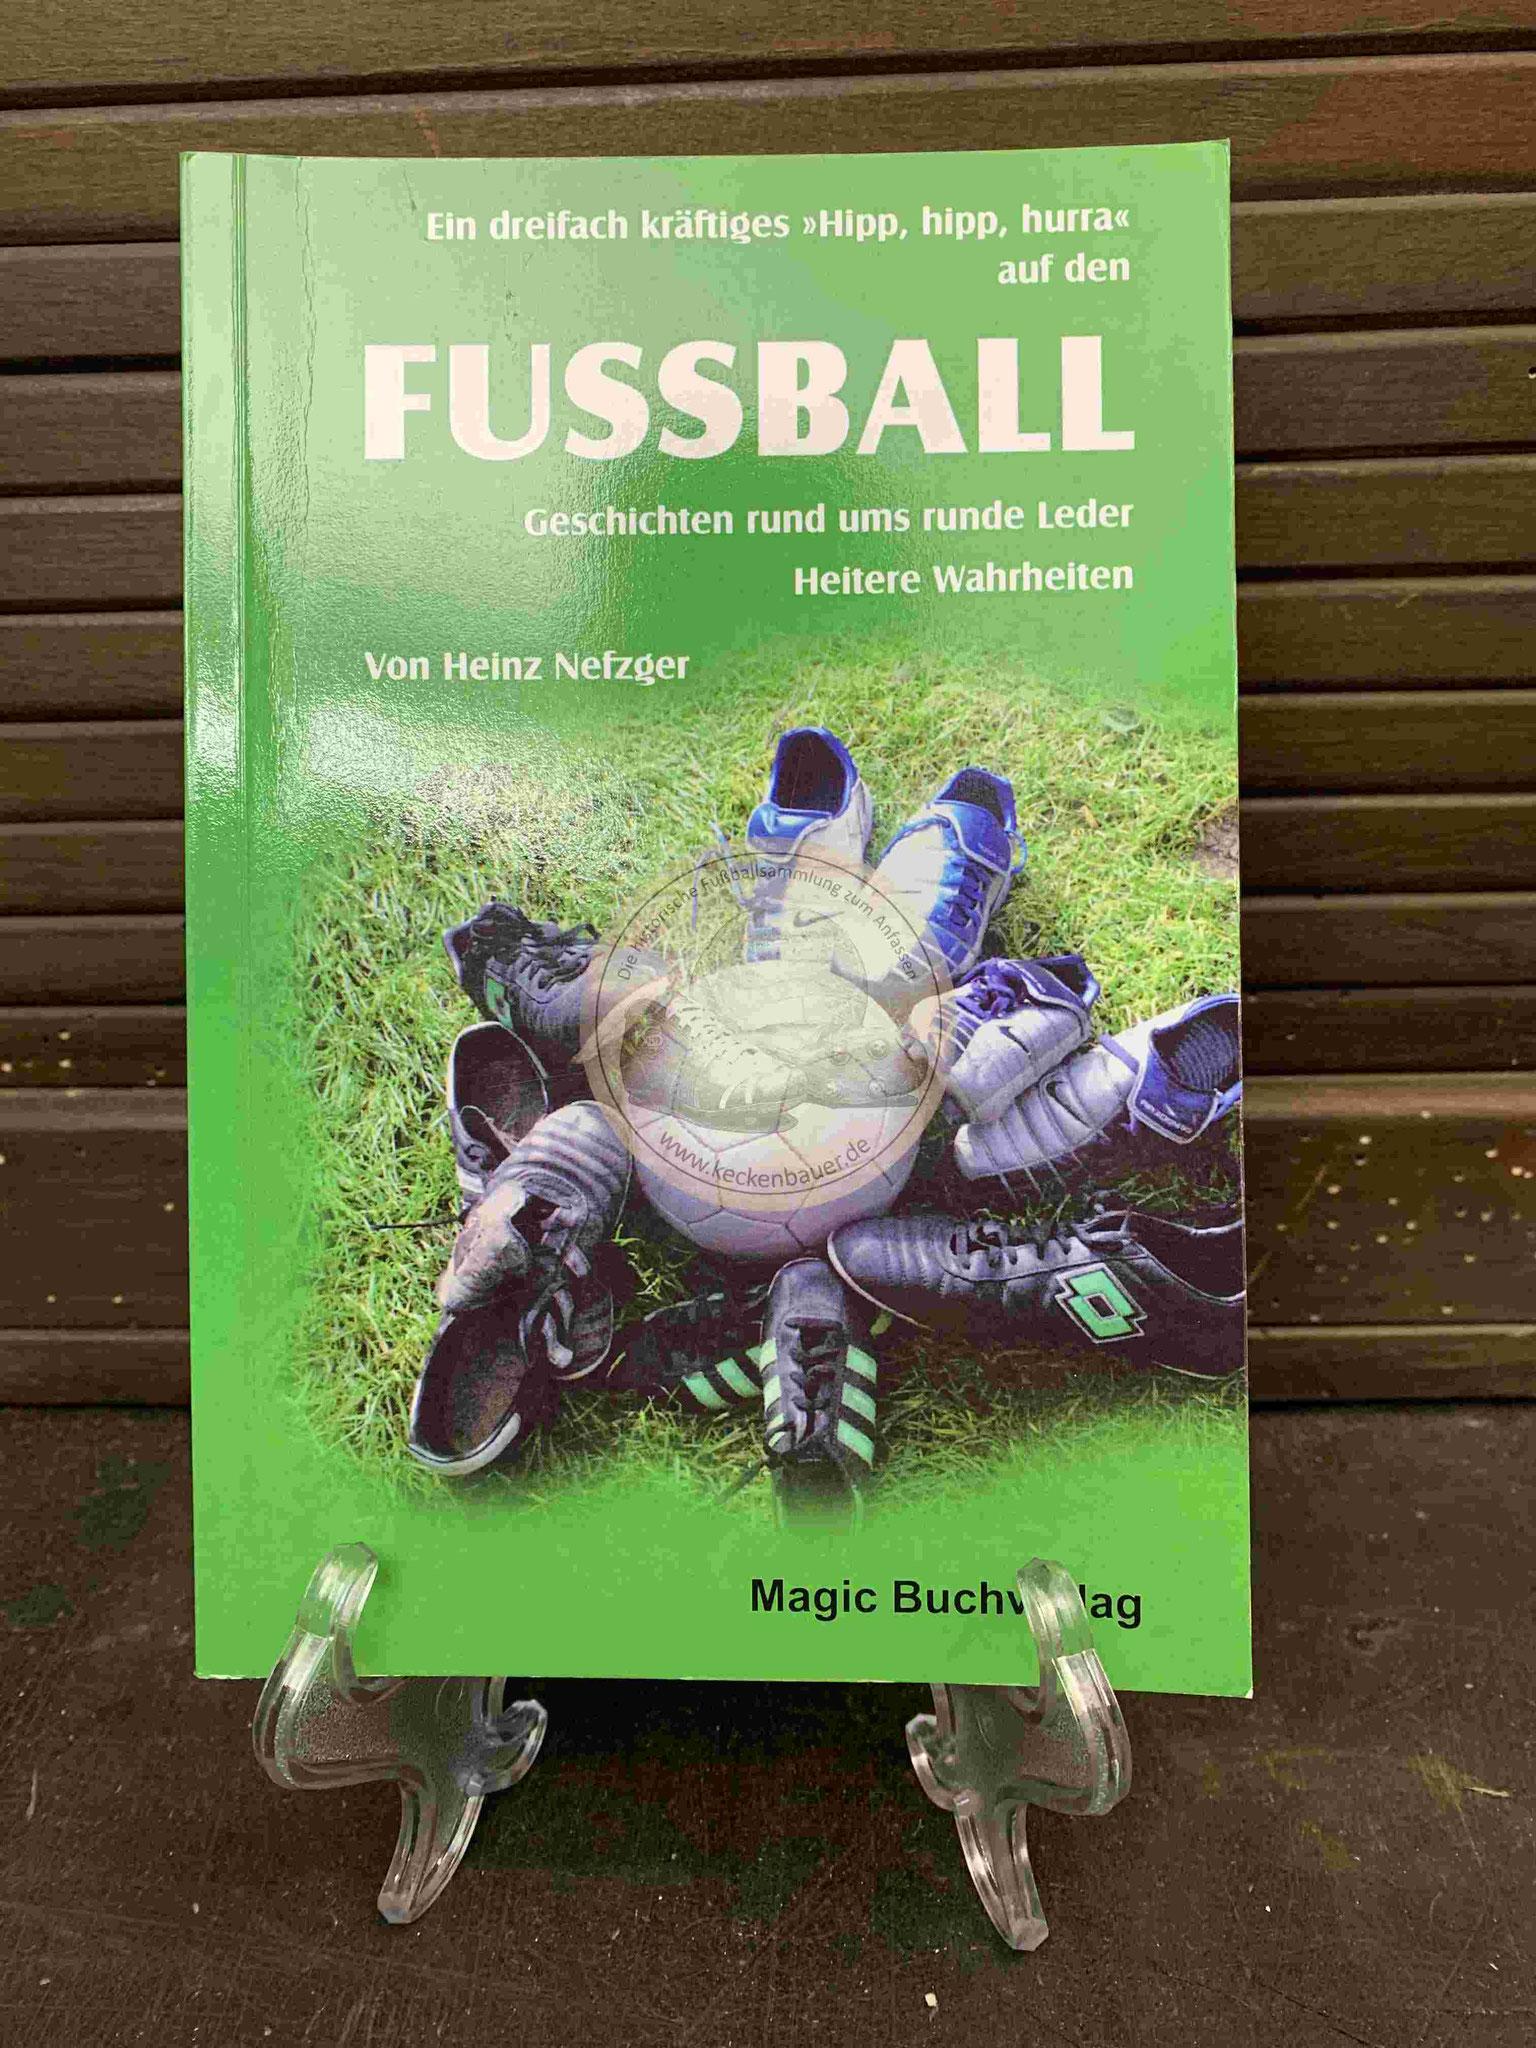 Fussball Geschichten rund ums runde Leder von Heinz Nefzger aus dem Jahr 2006